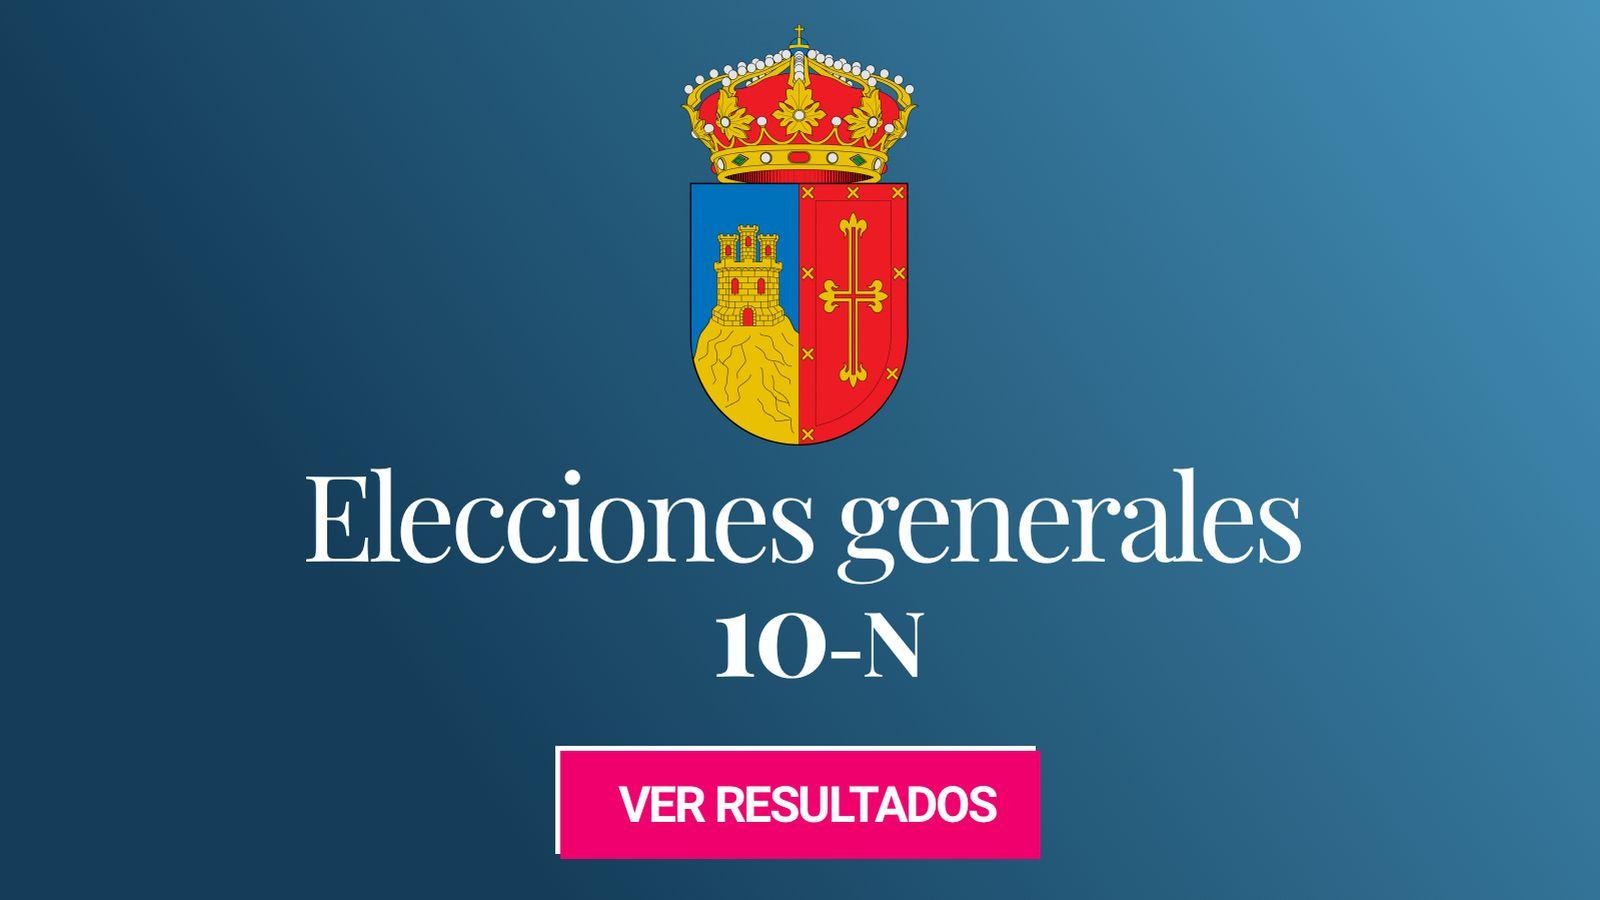 Foto: Elecciones generales 2019 en Pozuelo de Alarcón. (C.C./EC)